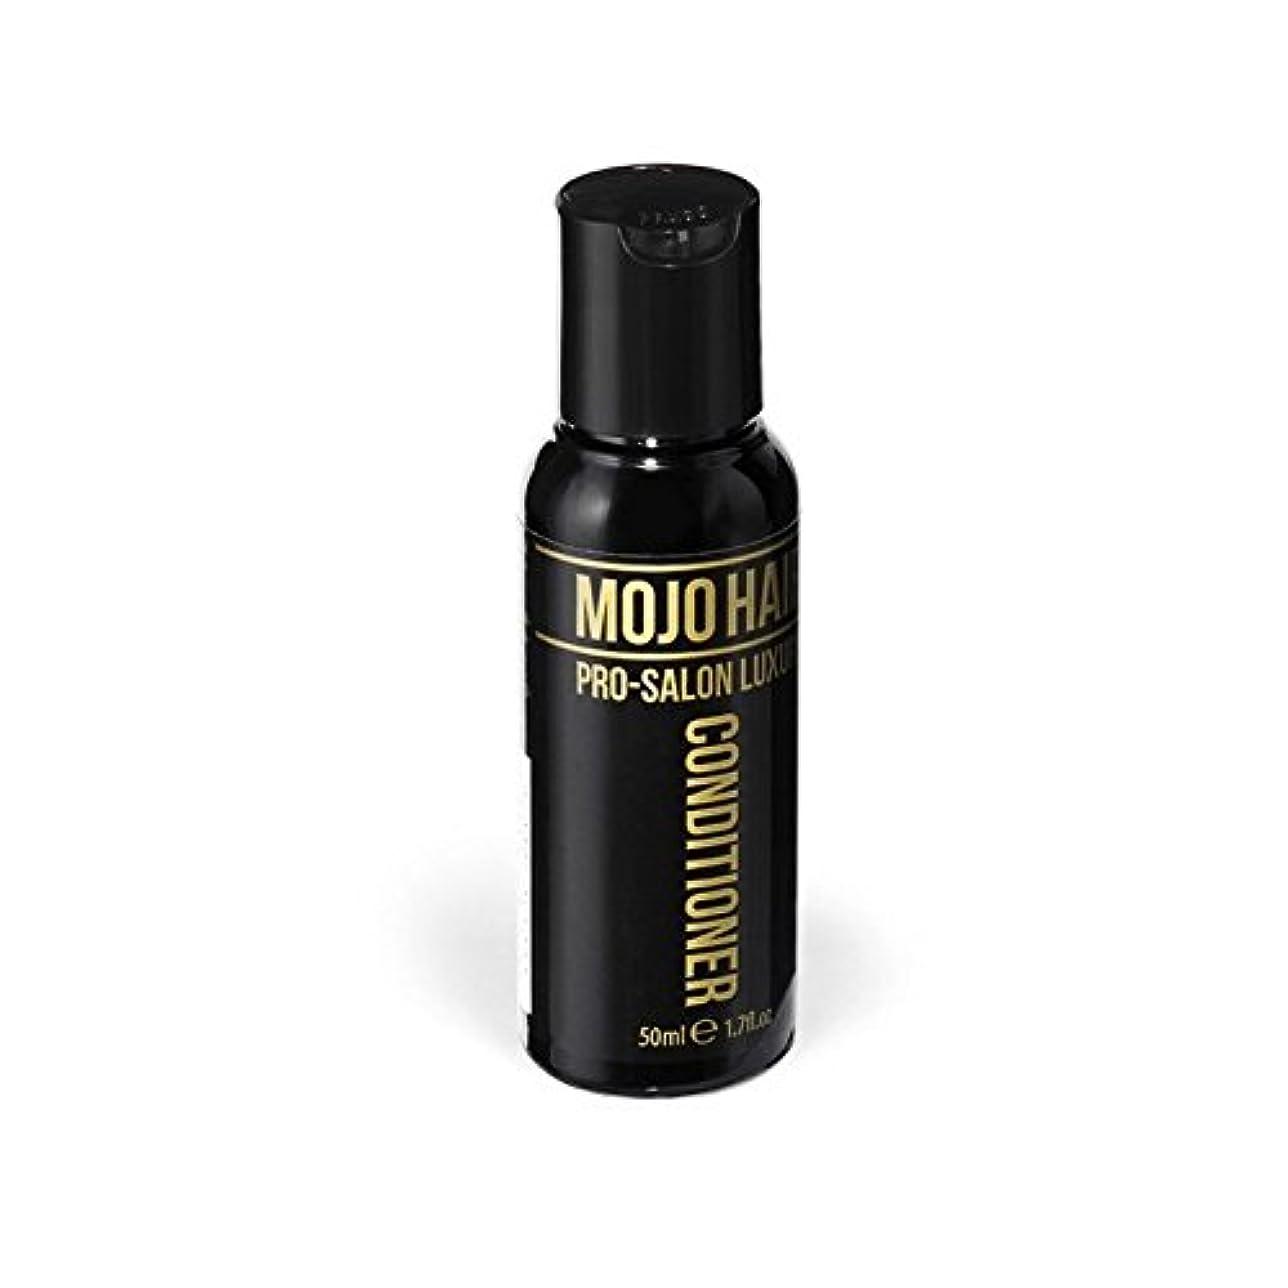 明るくするおばあさんハンドブックモジョの毛プロのサロンの贅沢なコンディショナー(50ミリリットル) x4 - Mojo Hair Pro-Salon Luxury Conditioner (50ml) (Pack of 4) [並行輸入品]